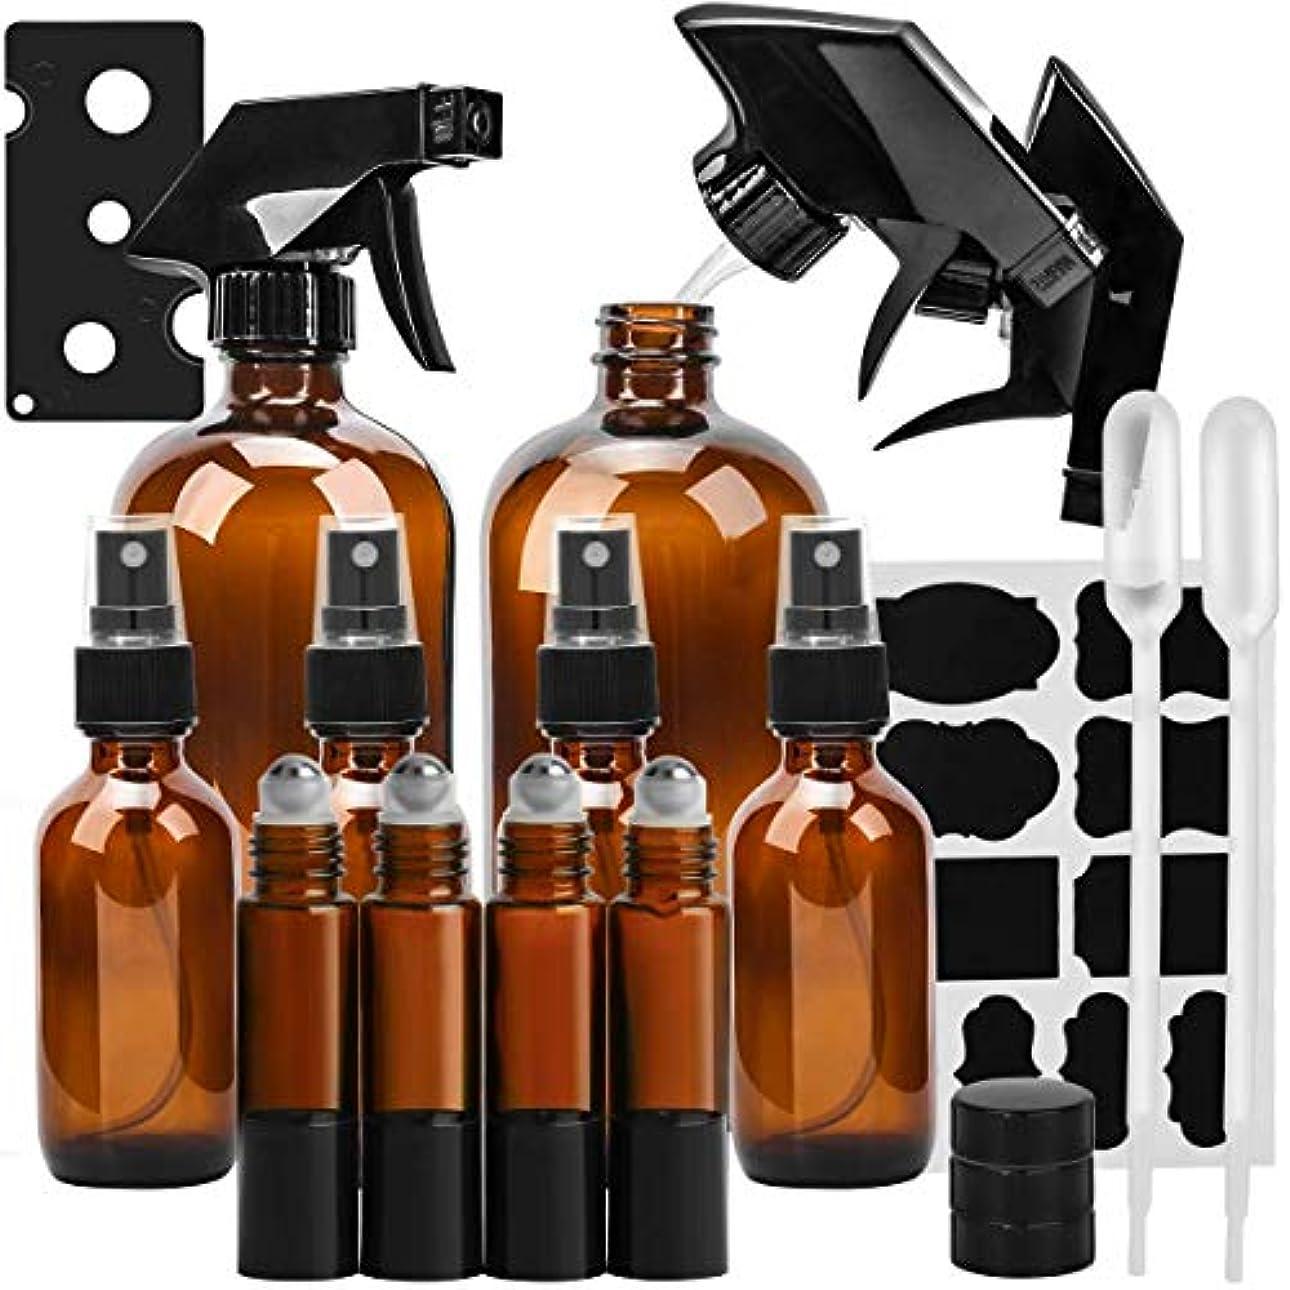 回転二年生壁紙KAMOTA 16オンス×2 2オンス×4 10ミリリットルローラーボトル×4 - 製品やアロマテラピーを清掃エッセンシャルオイル 用 詰め替え容器 セットガラススプレーボトルアンバーガラススプレーボトル アンバー-2